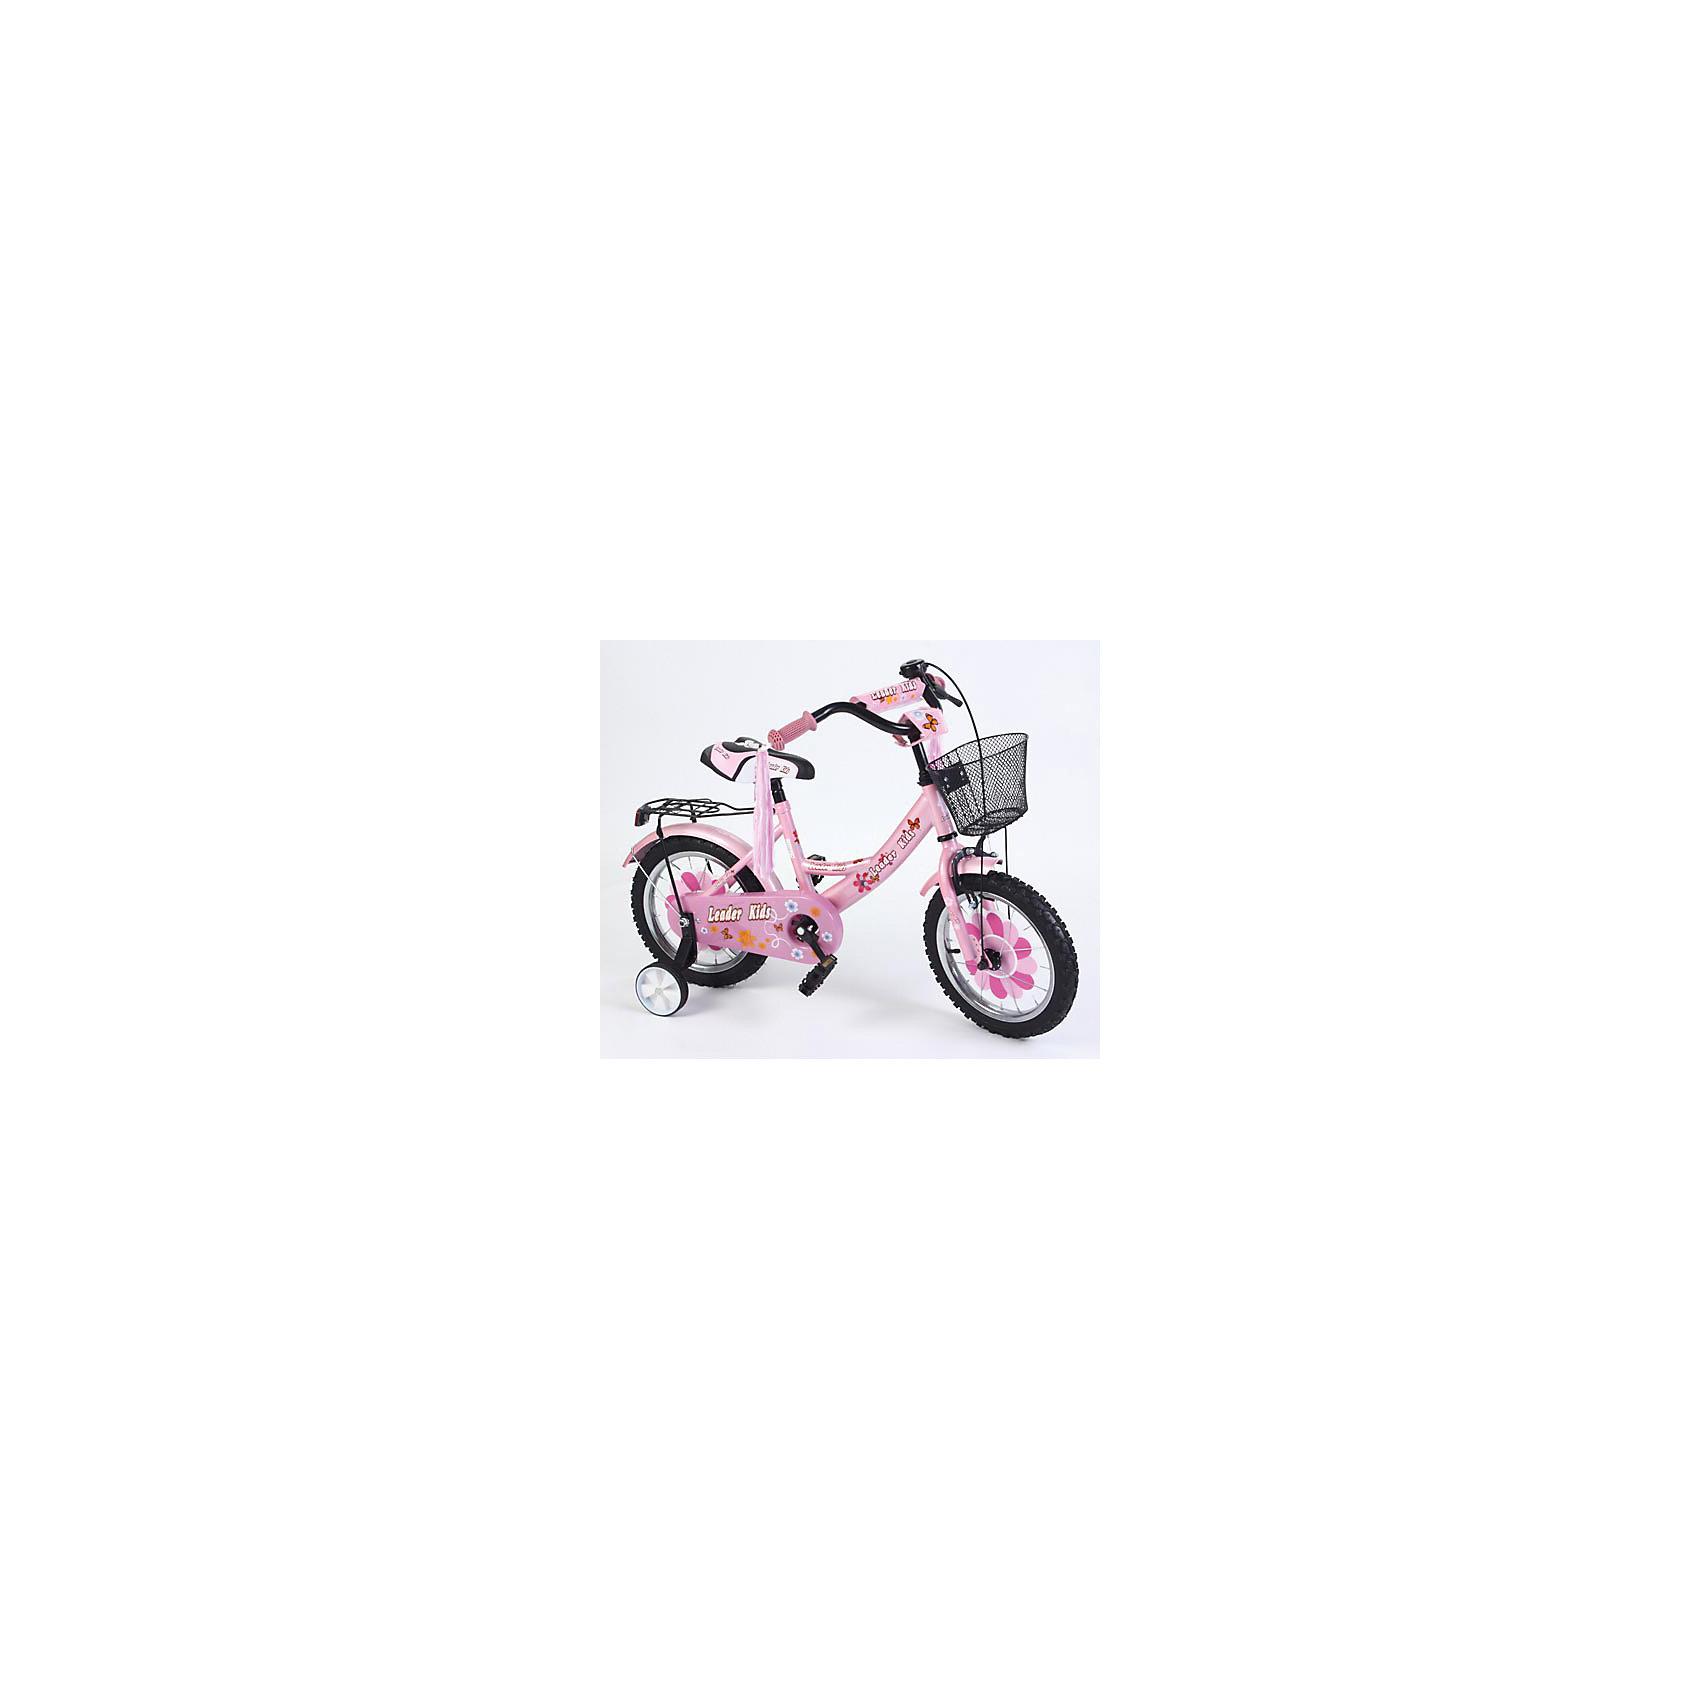 Велосипед двухколесный, розовый, с багажником, Leader kids